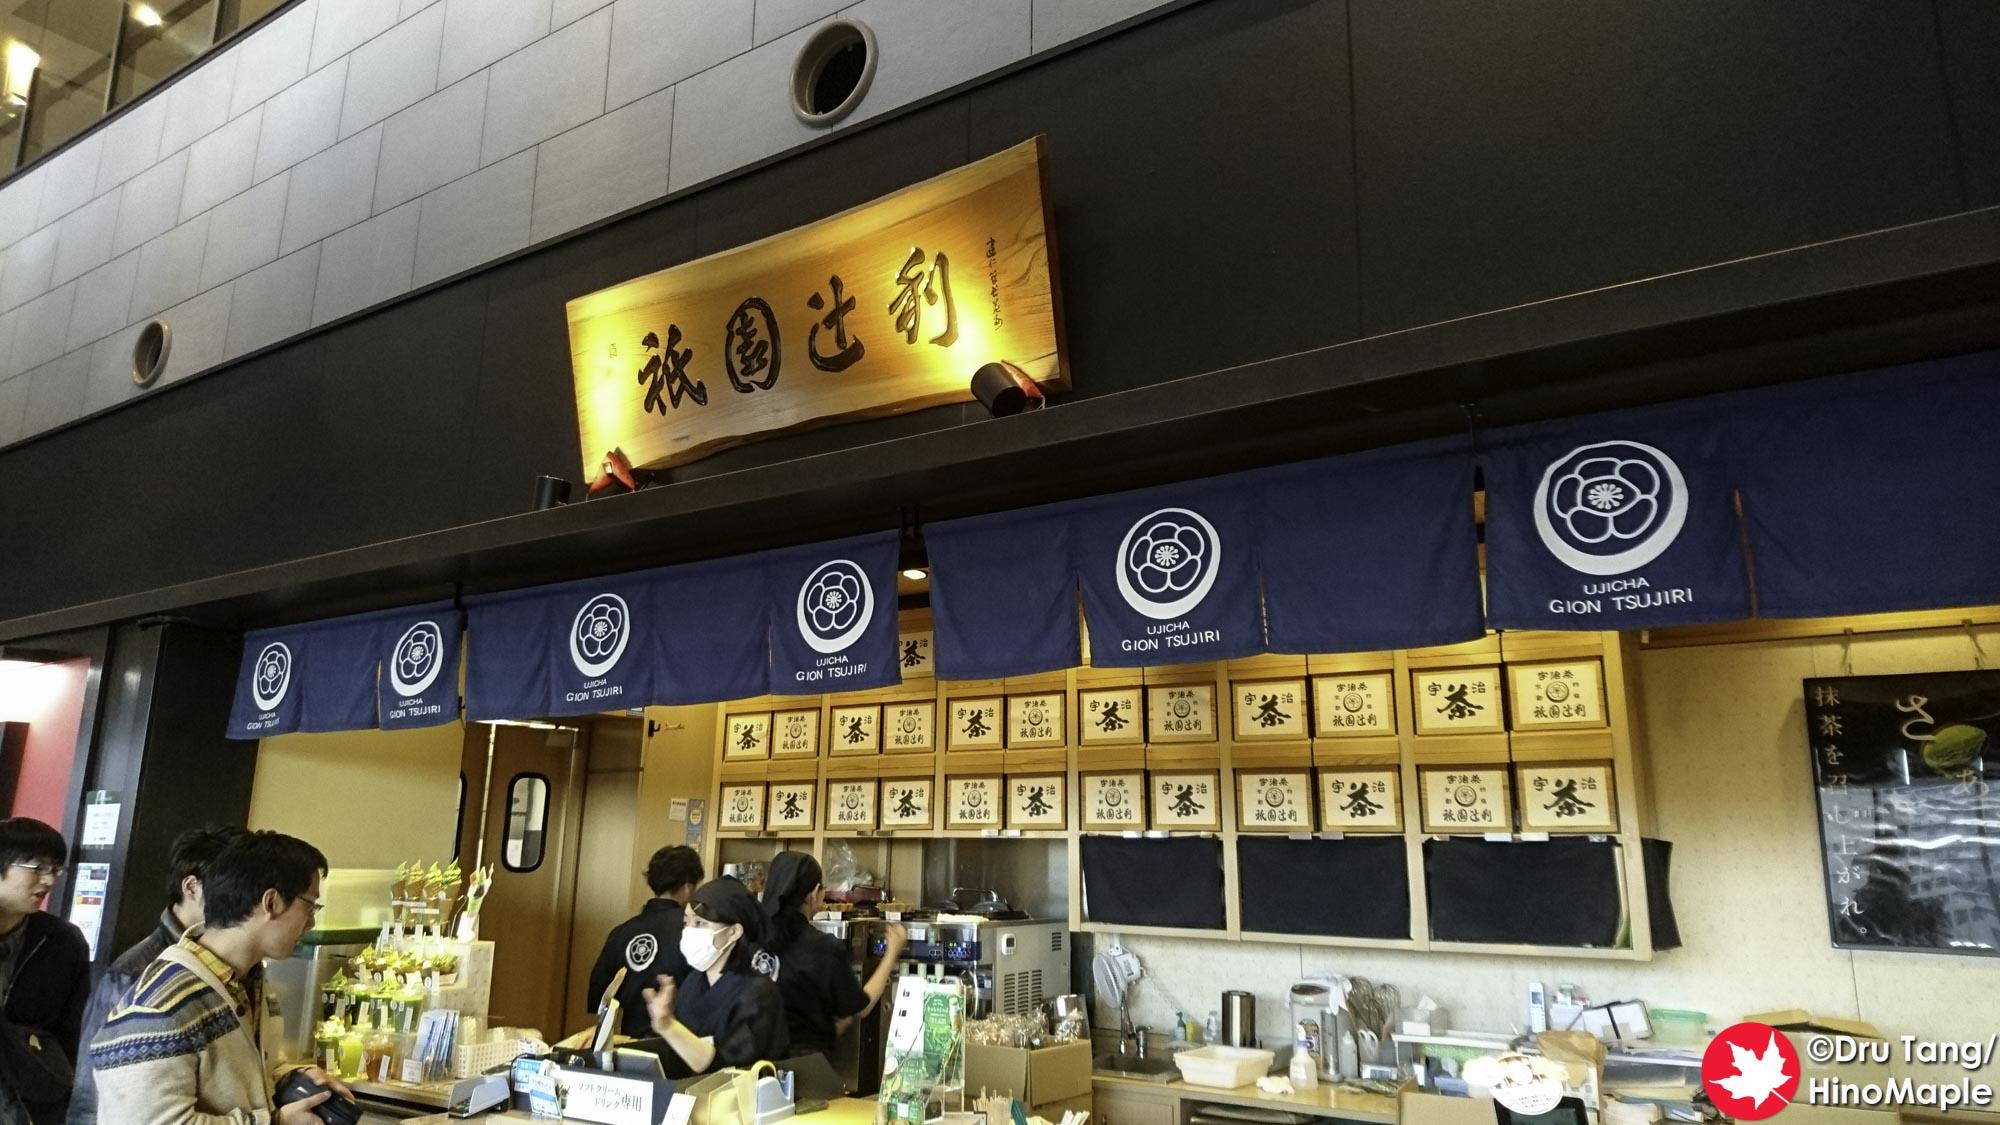 Gion Tsuri (Tokyo Skytree)